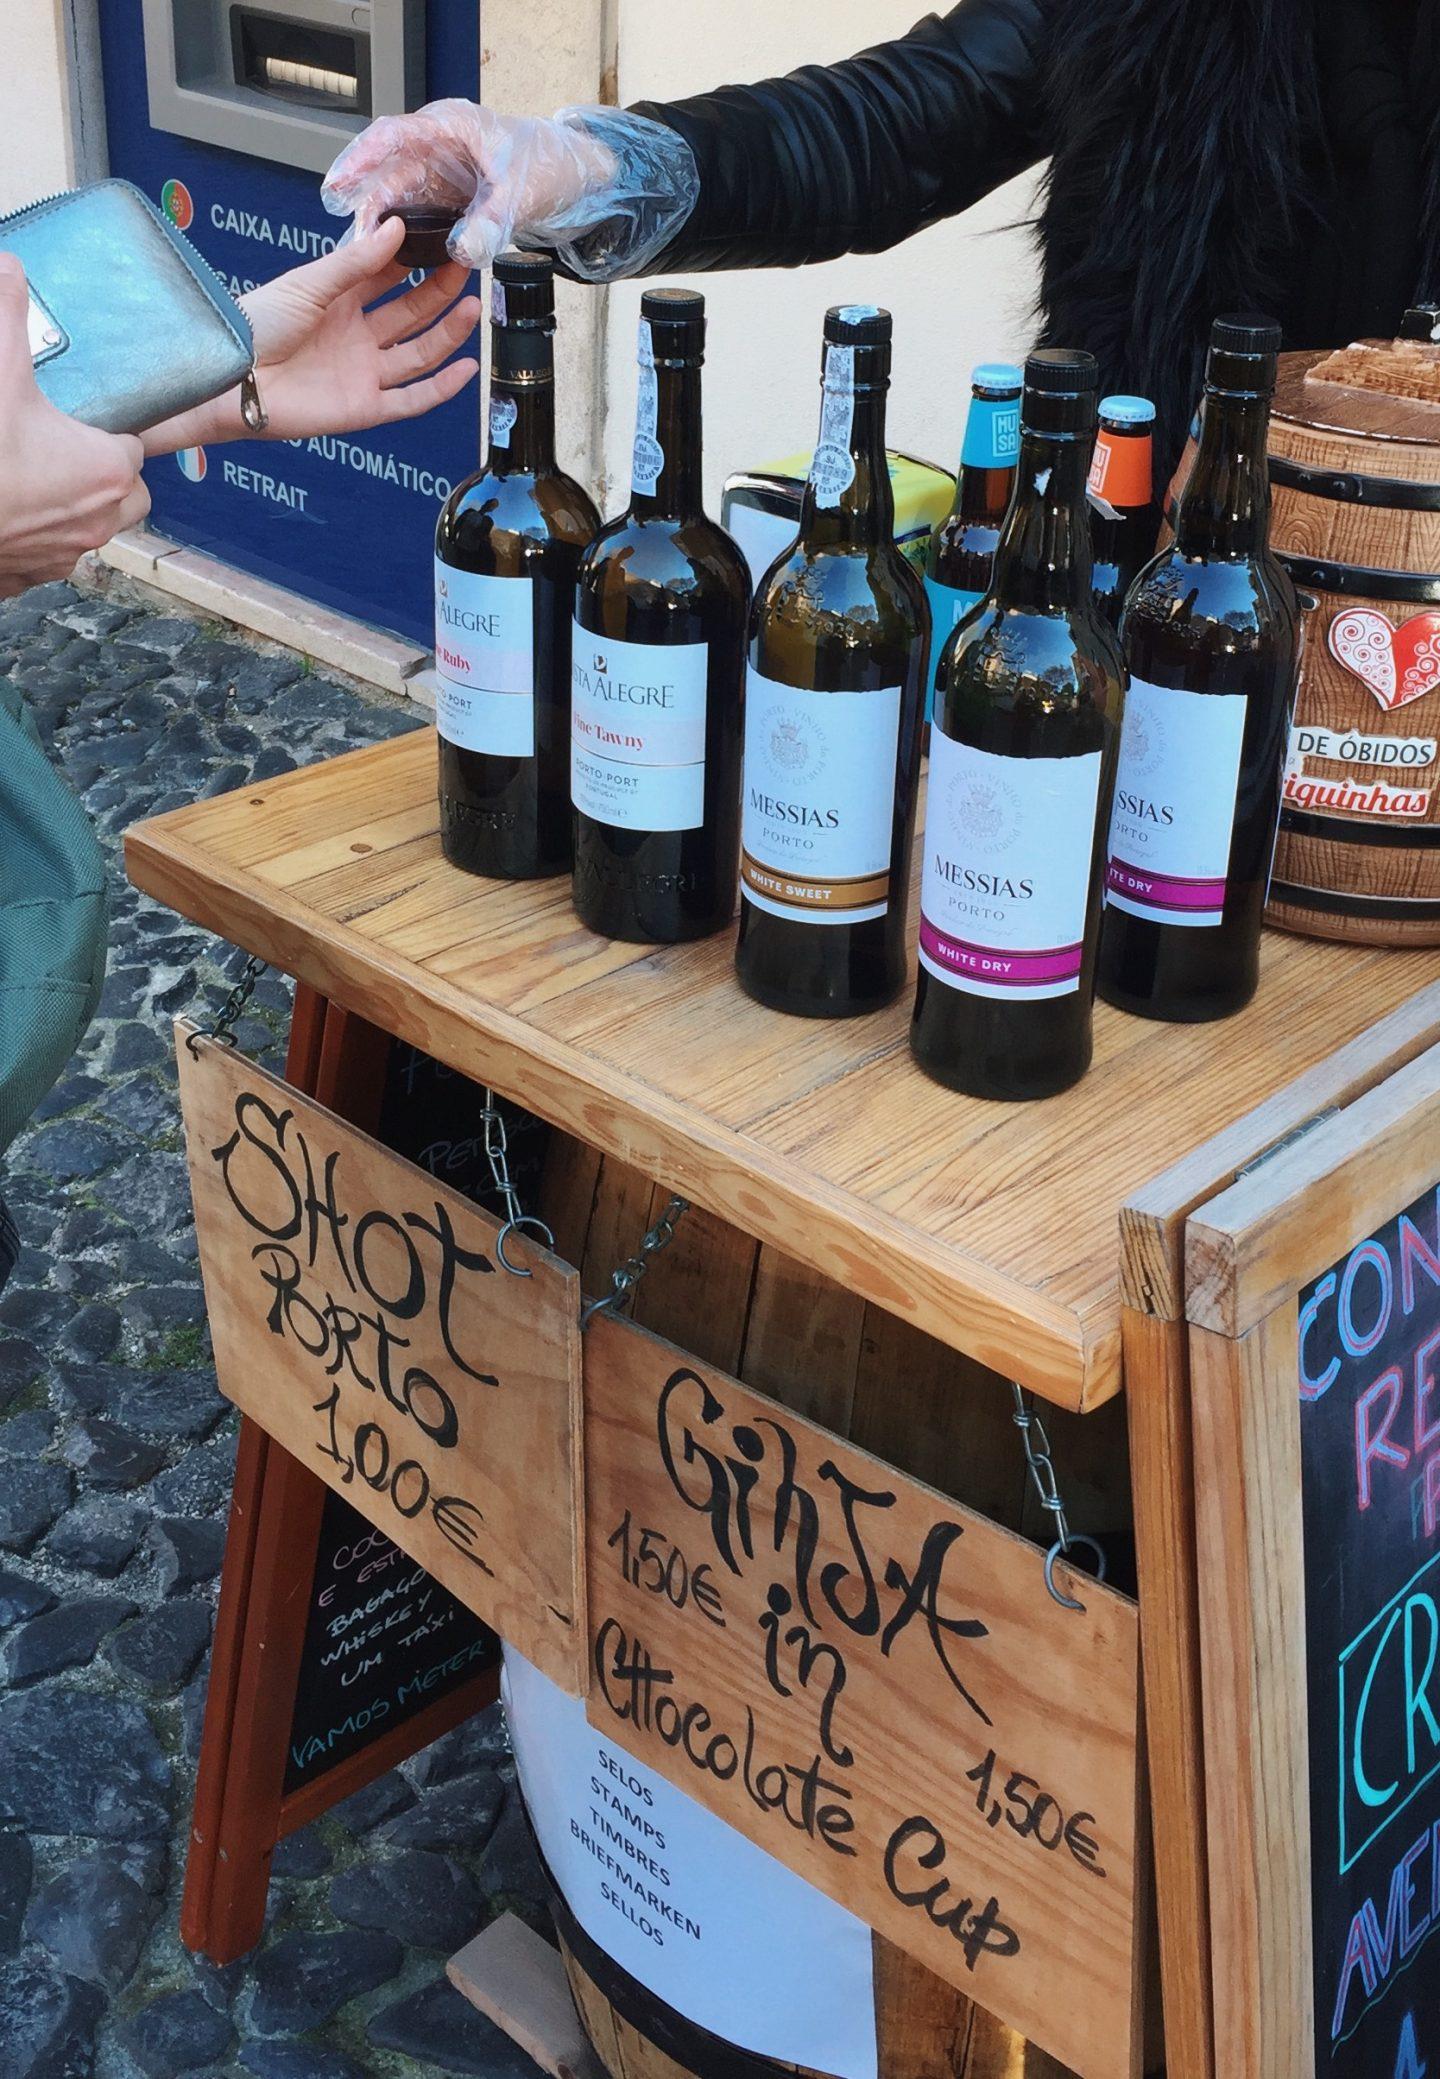 Ginha Portuguese liquer